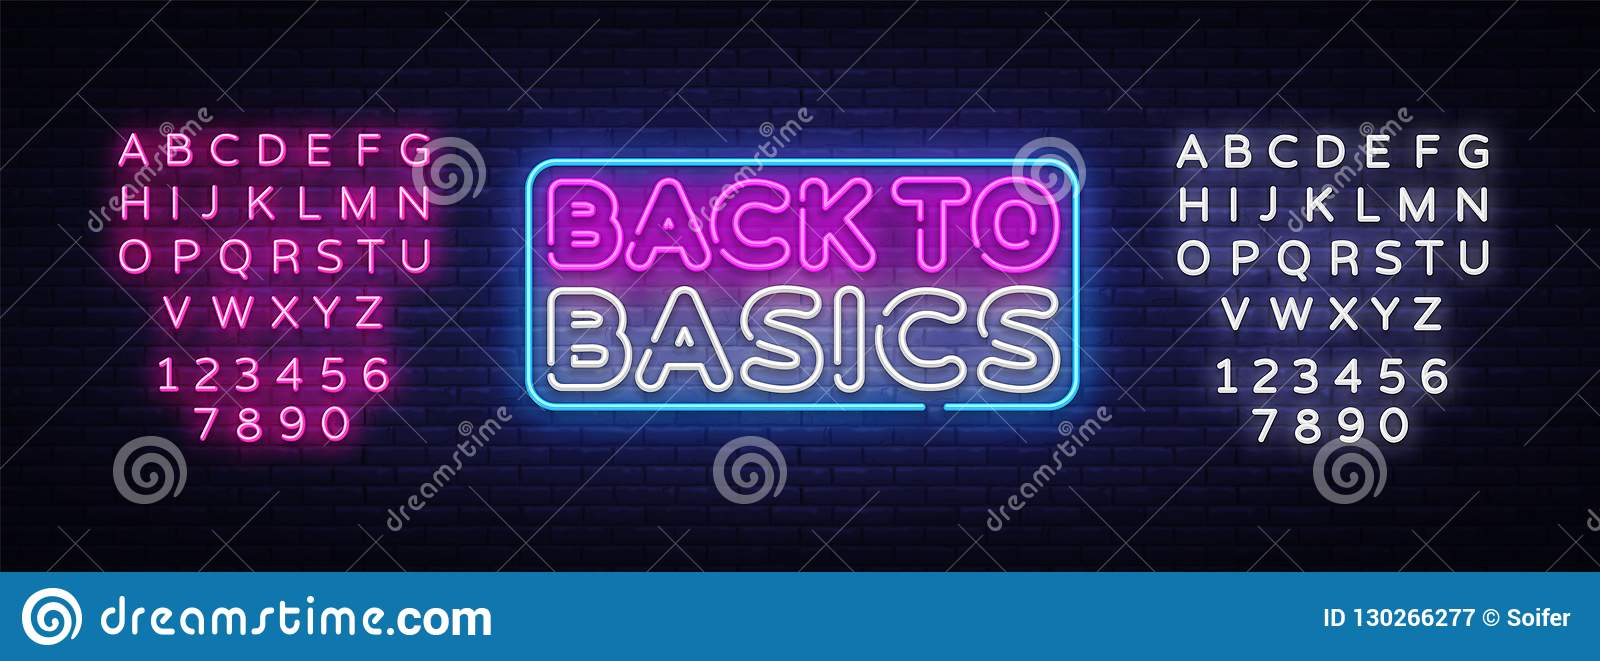 回到基本霓虹文本传染媒介设计模板 回到基本霓虹商标,轻的横幅设计元素五颜六色现代